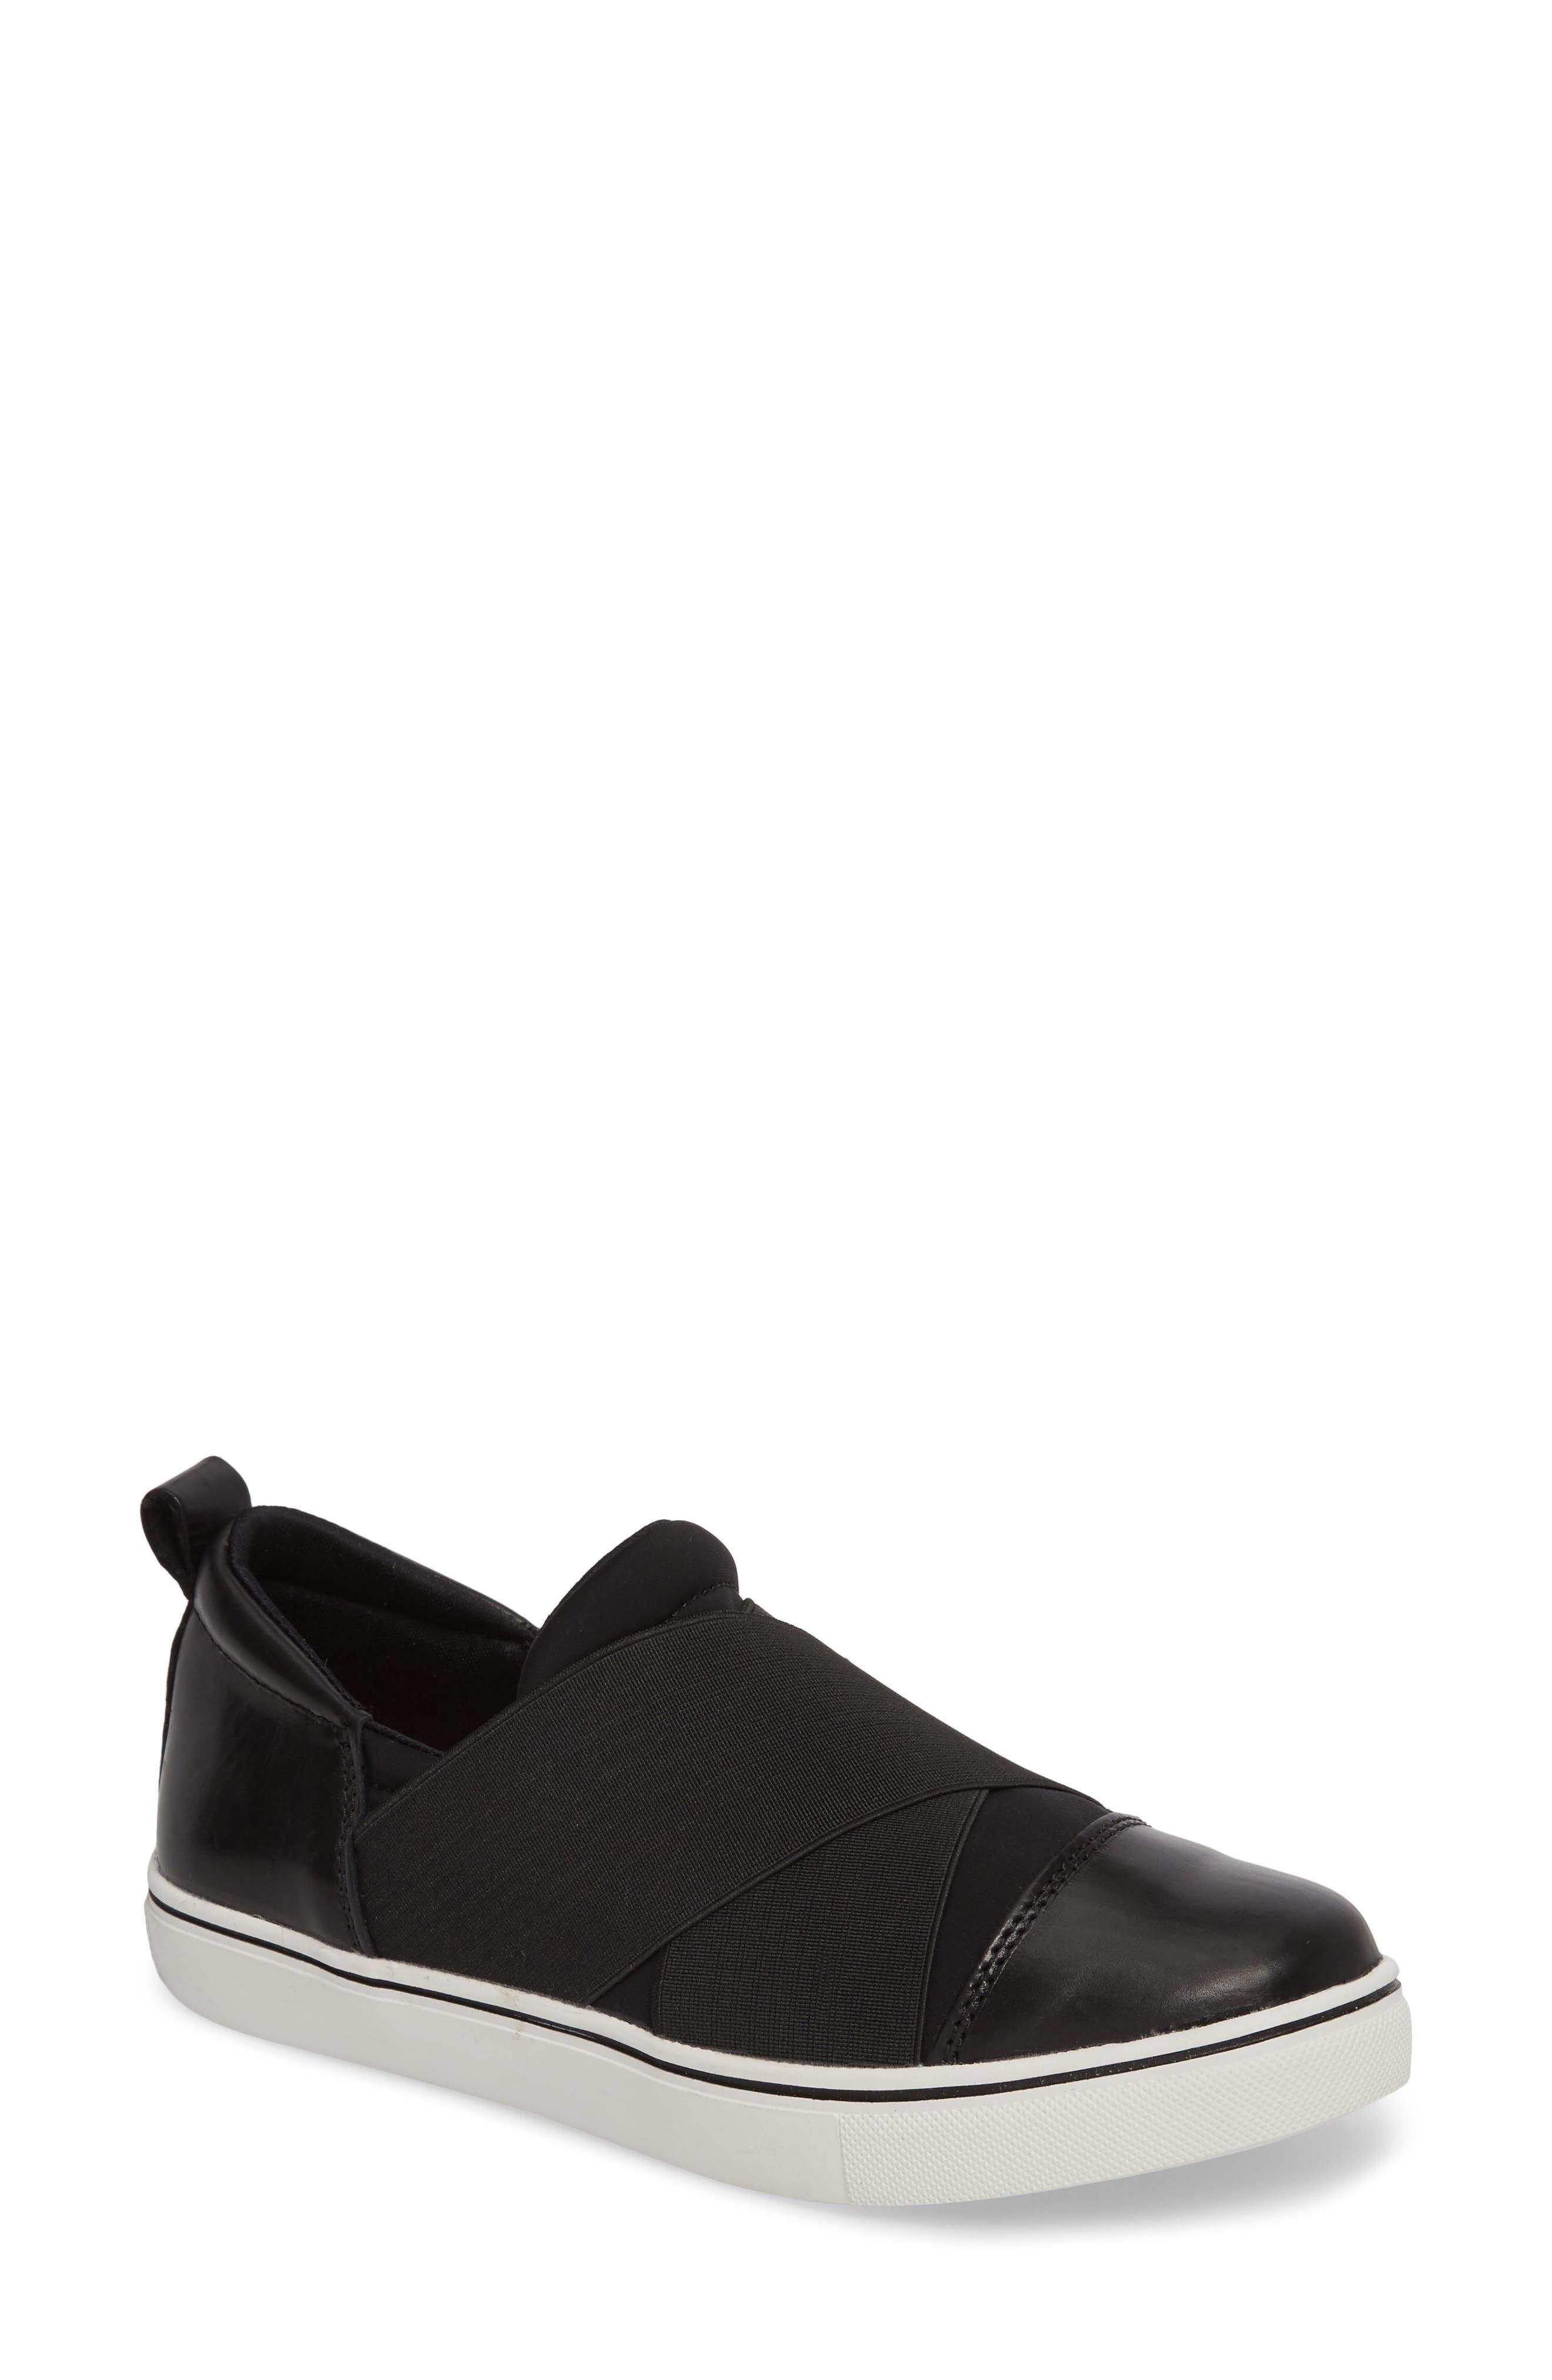 Bernie Mev. Elmwood Slip-On Sneaker, Black